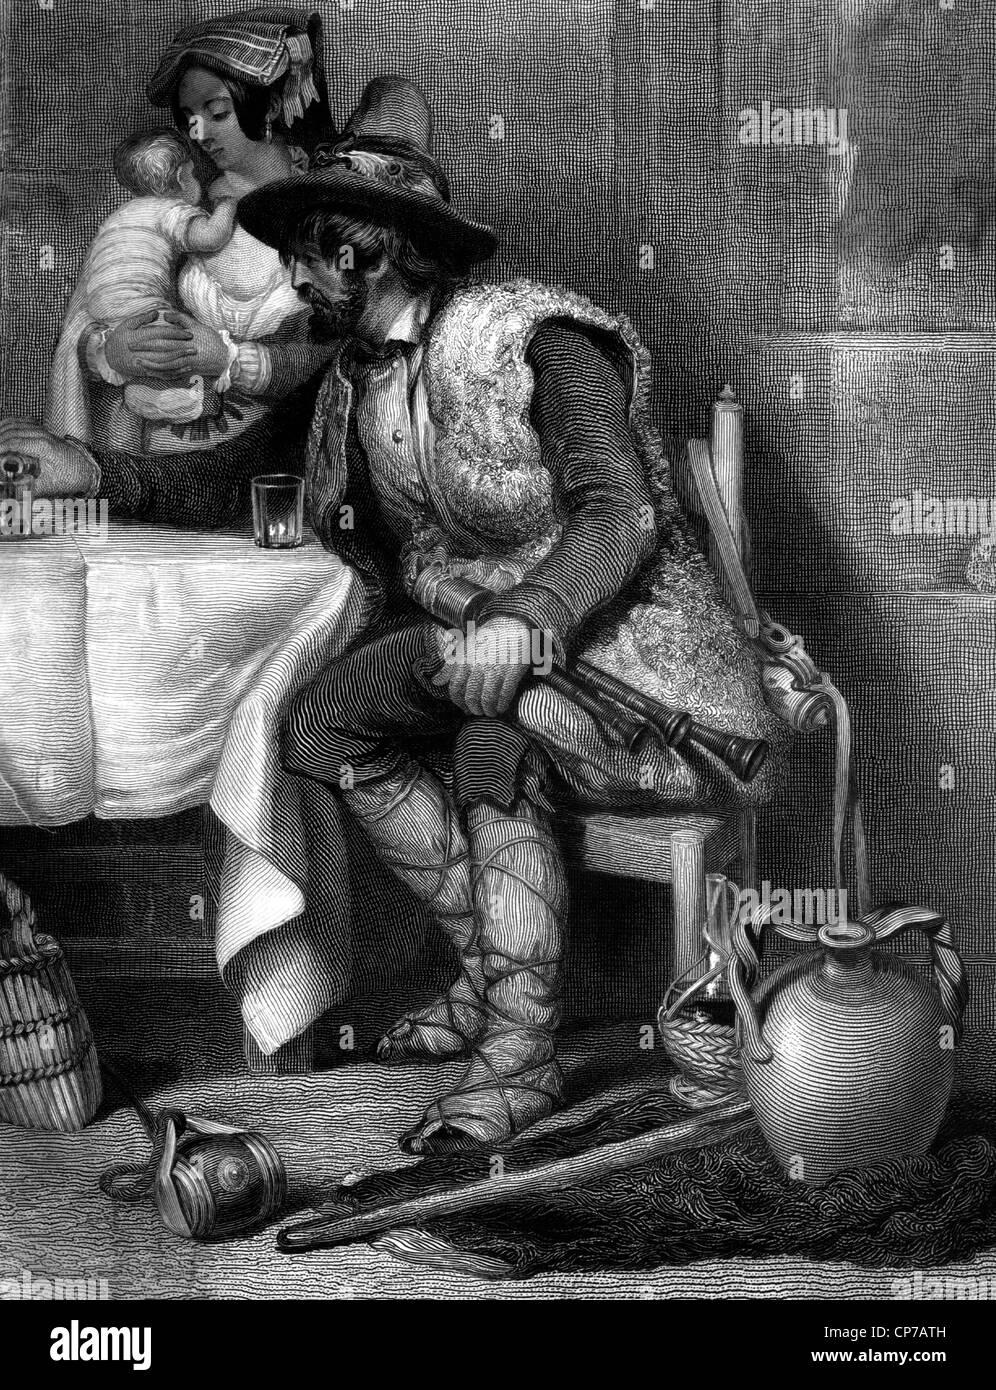 Gravur der mittleren gealterten italienische Ziegenhirten saß am Tisch mit Wein, Frau und Kind im Hintergrund. Stockbild